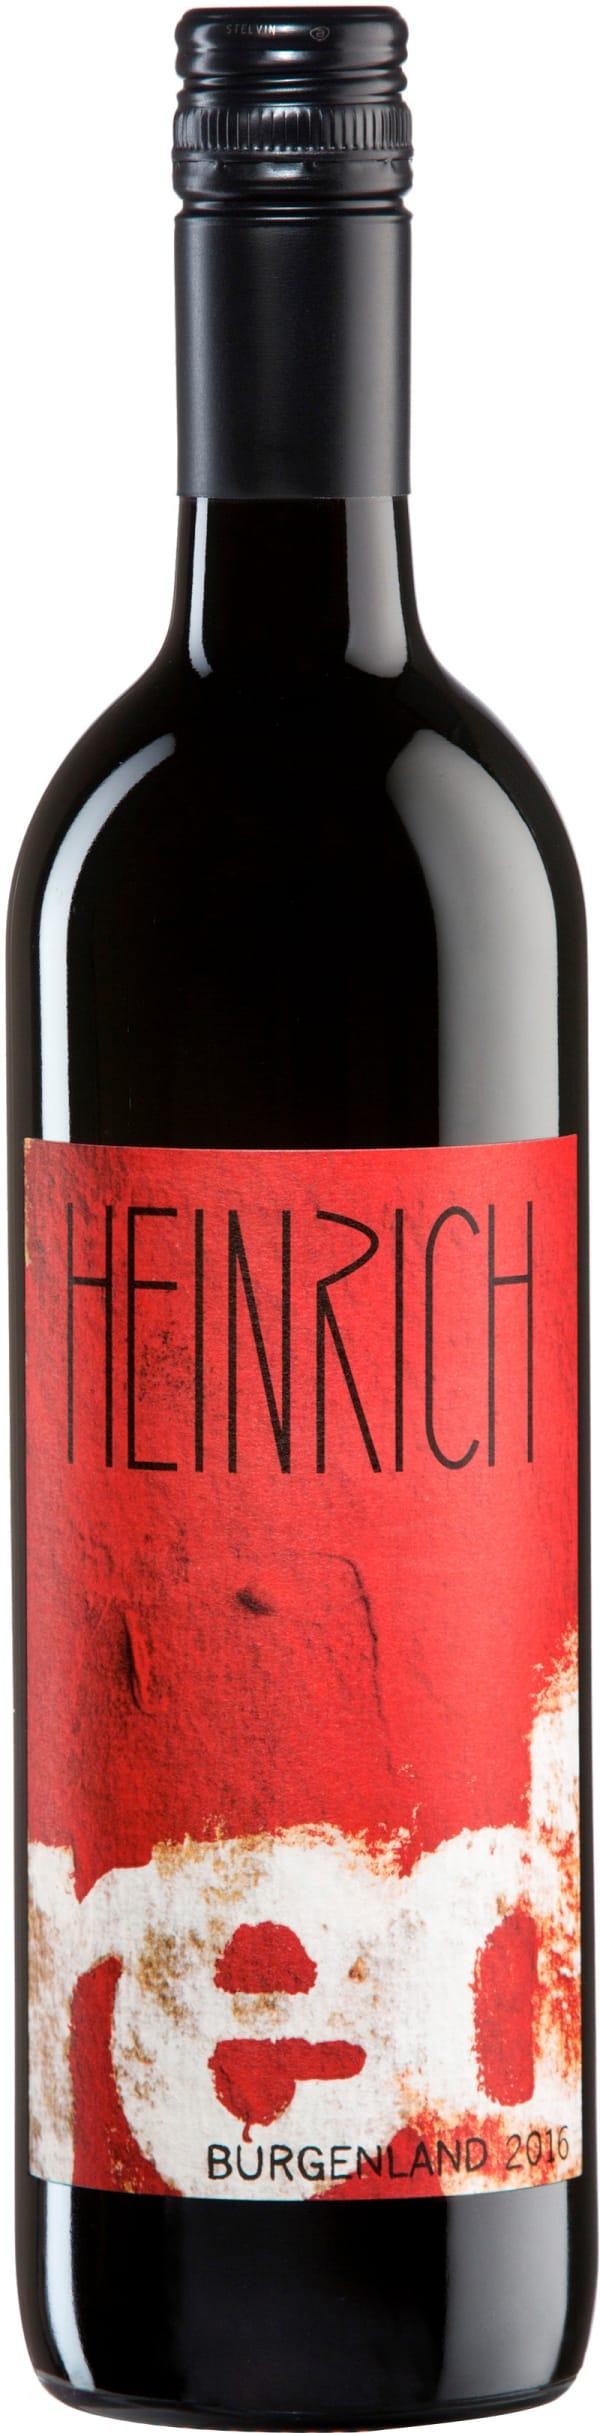 Heinrich Red 2016